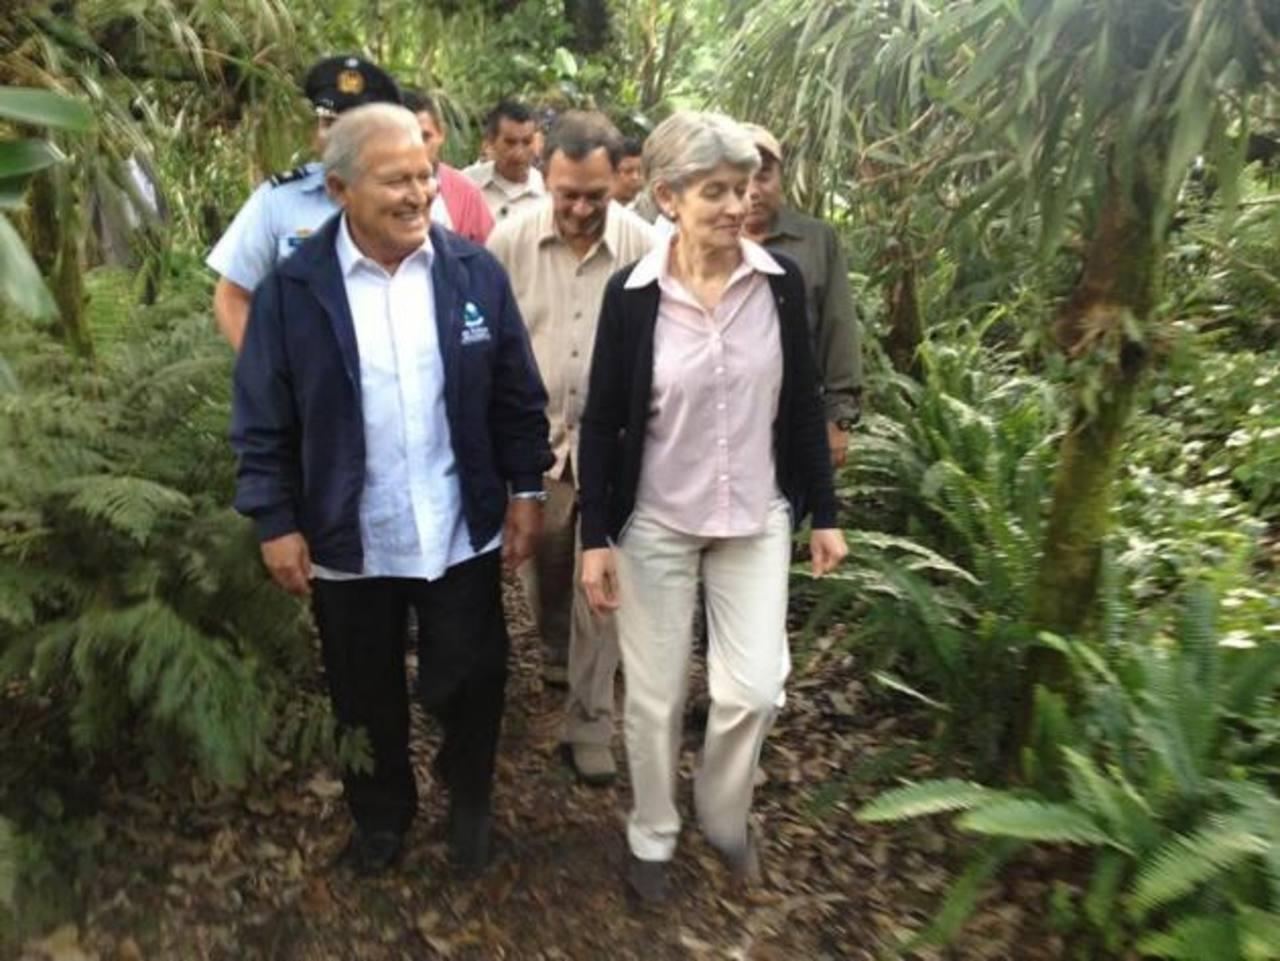 El vicepresidente y la directora de Unesco recorren el jardín.